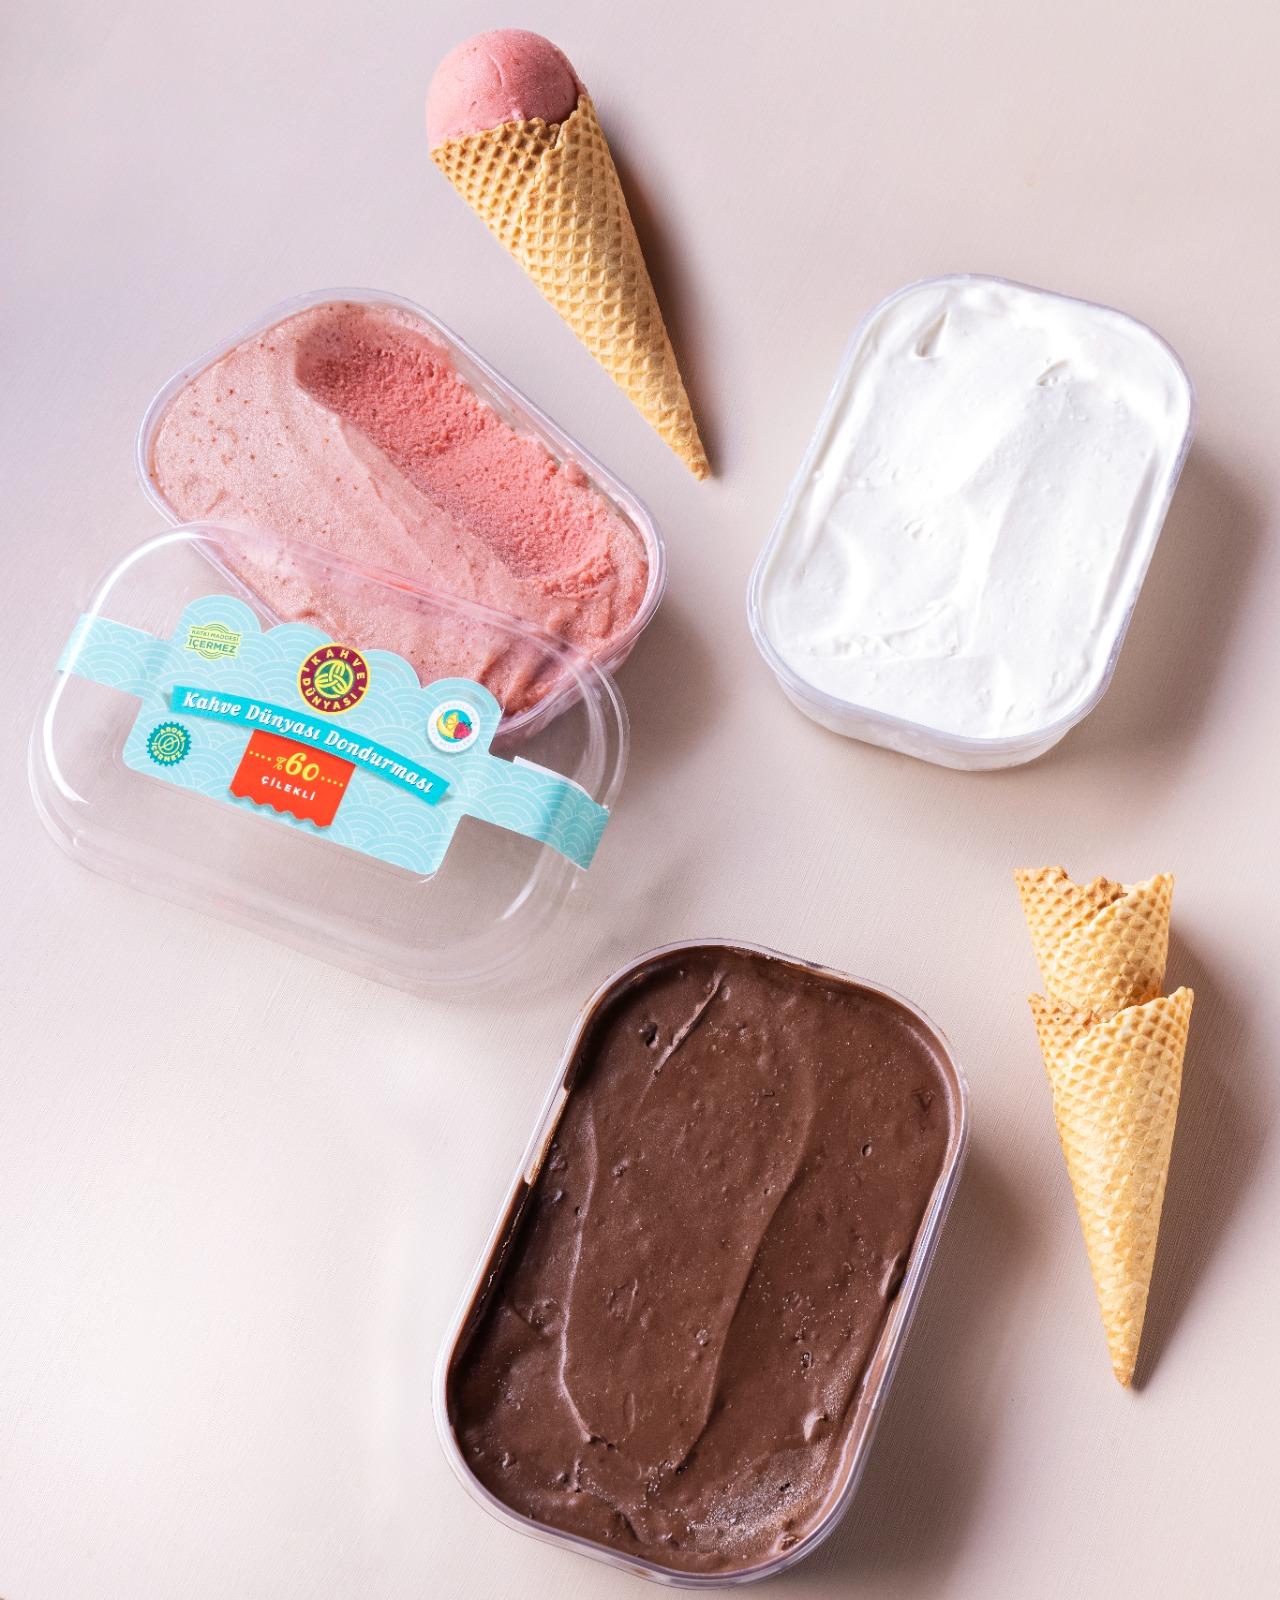 Kahve Dünyası Türkiye'nin dondurma tercihlerini açıkladı: En çok dondurmayı İstanbul ve Muğla tüketiyor